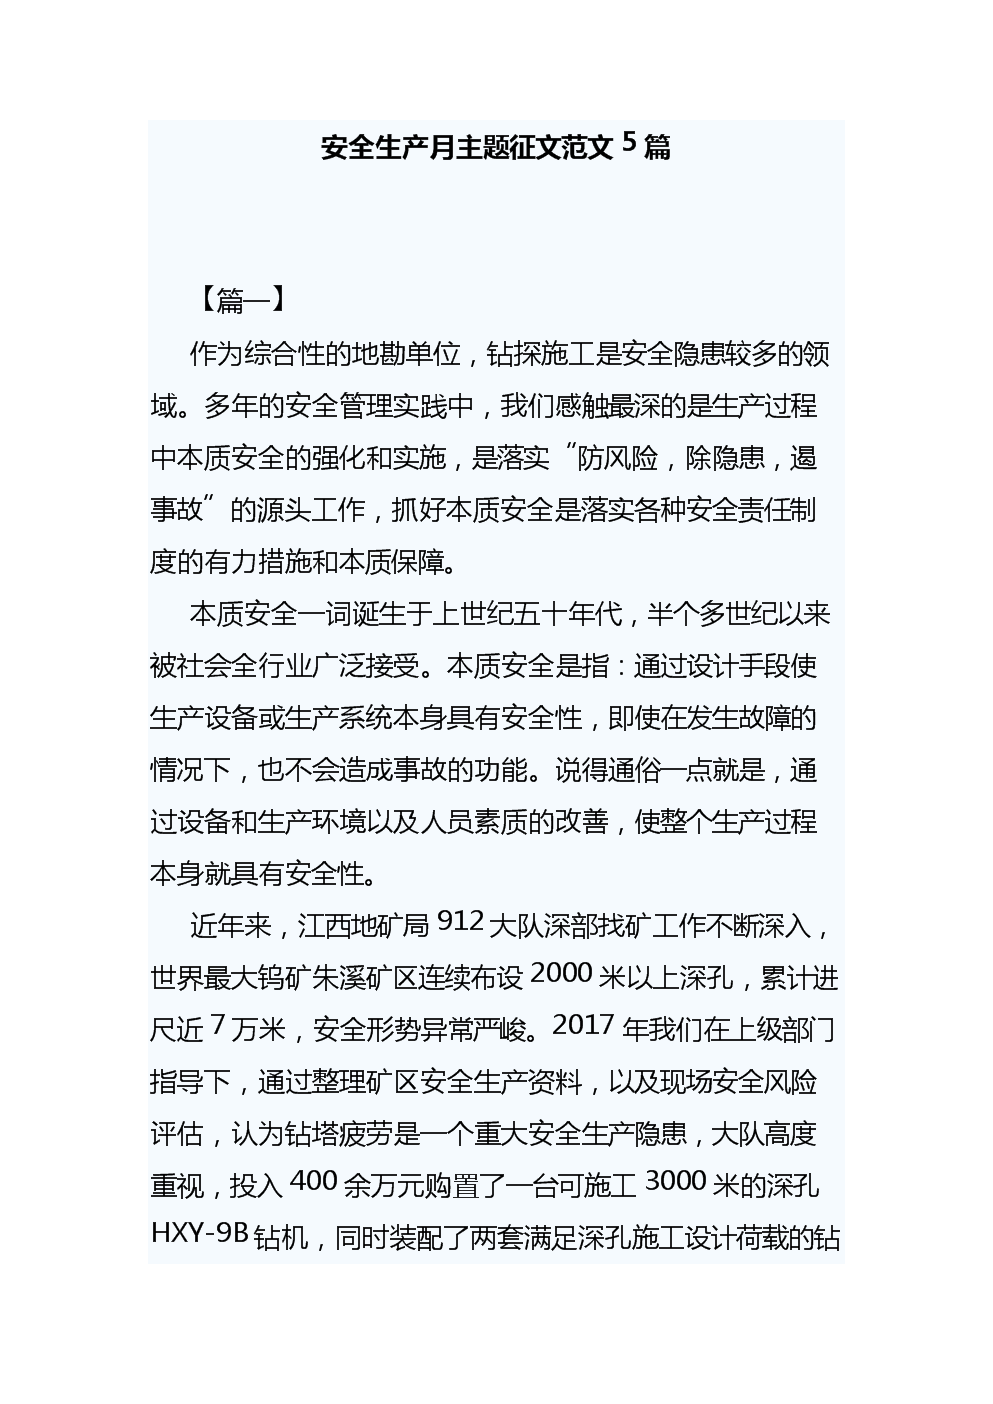 安全生产月主题征文范文(五篇).docx